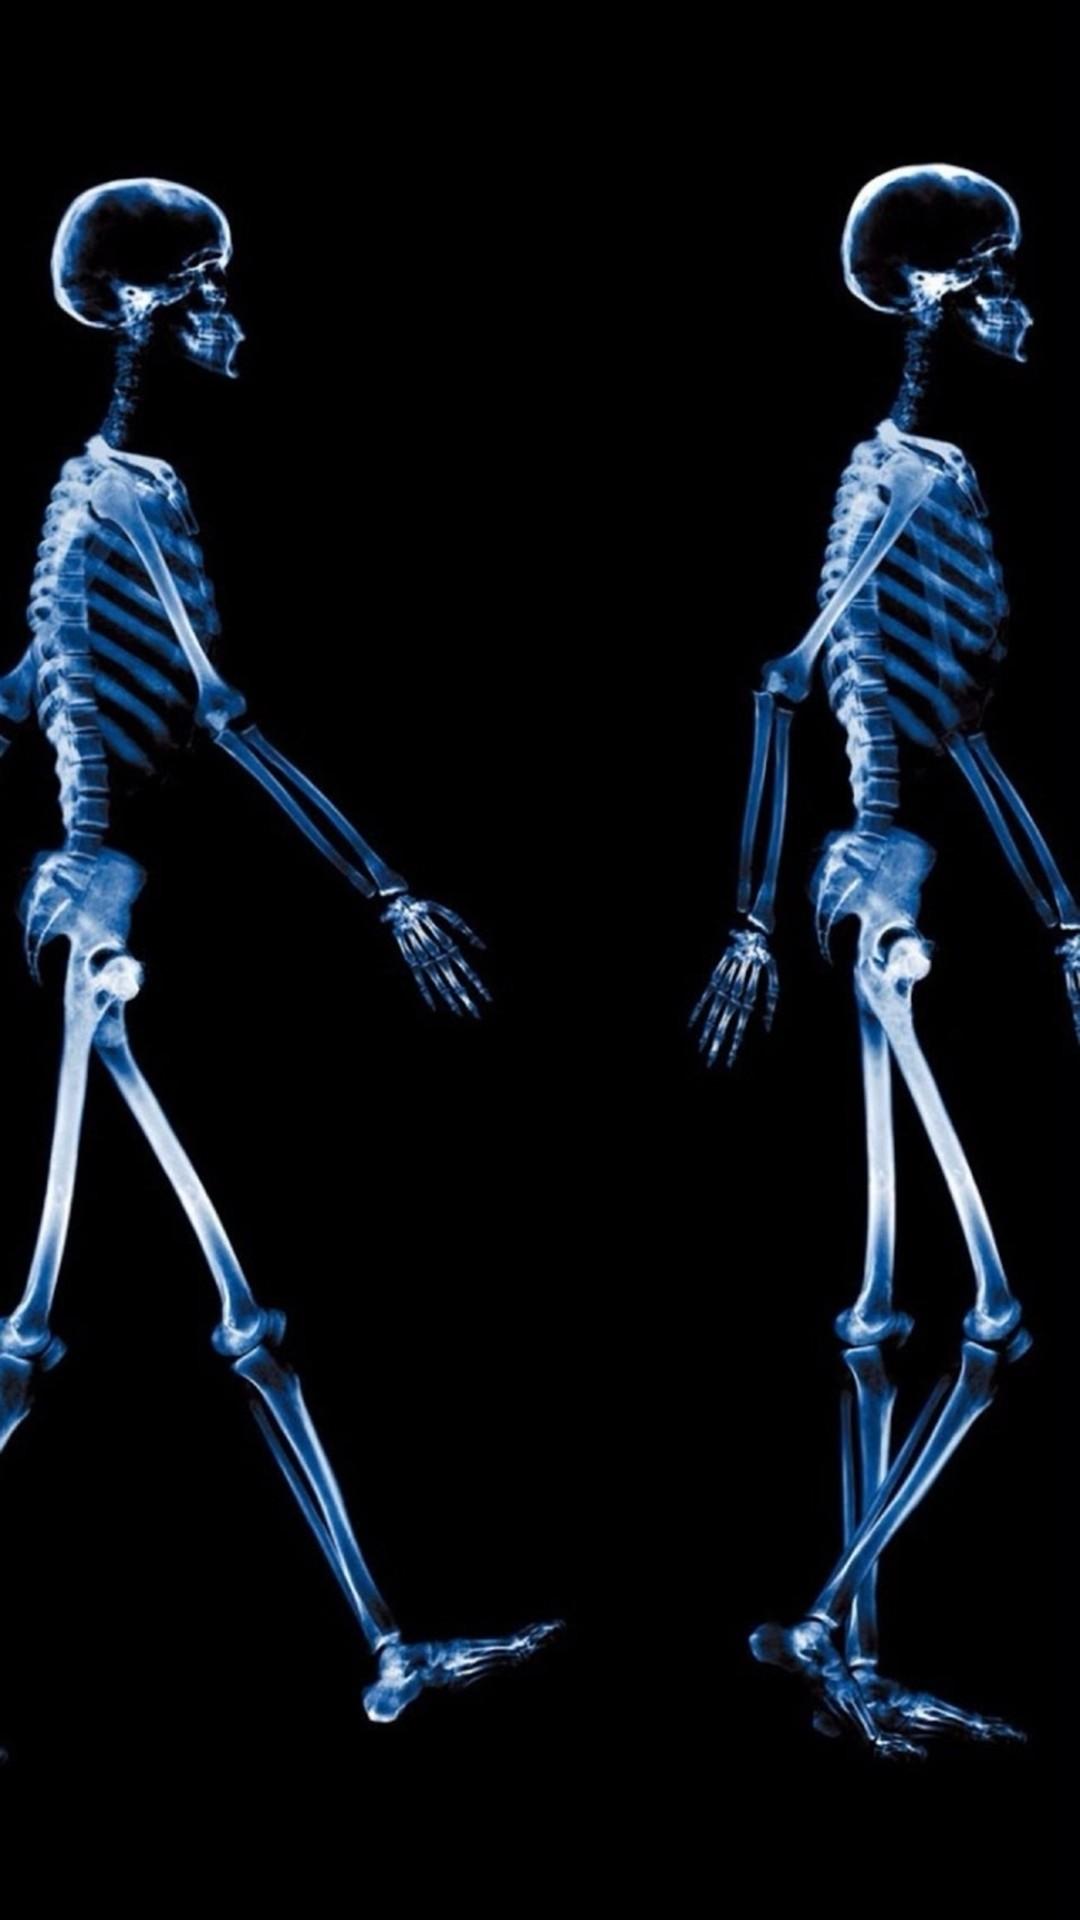 Abstract Xray Walking Human Skeleton Dark #iPhone #6 #wallpaper